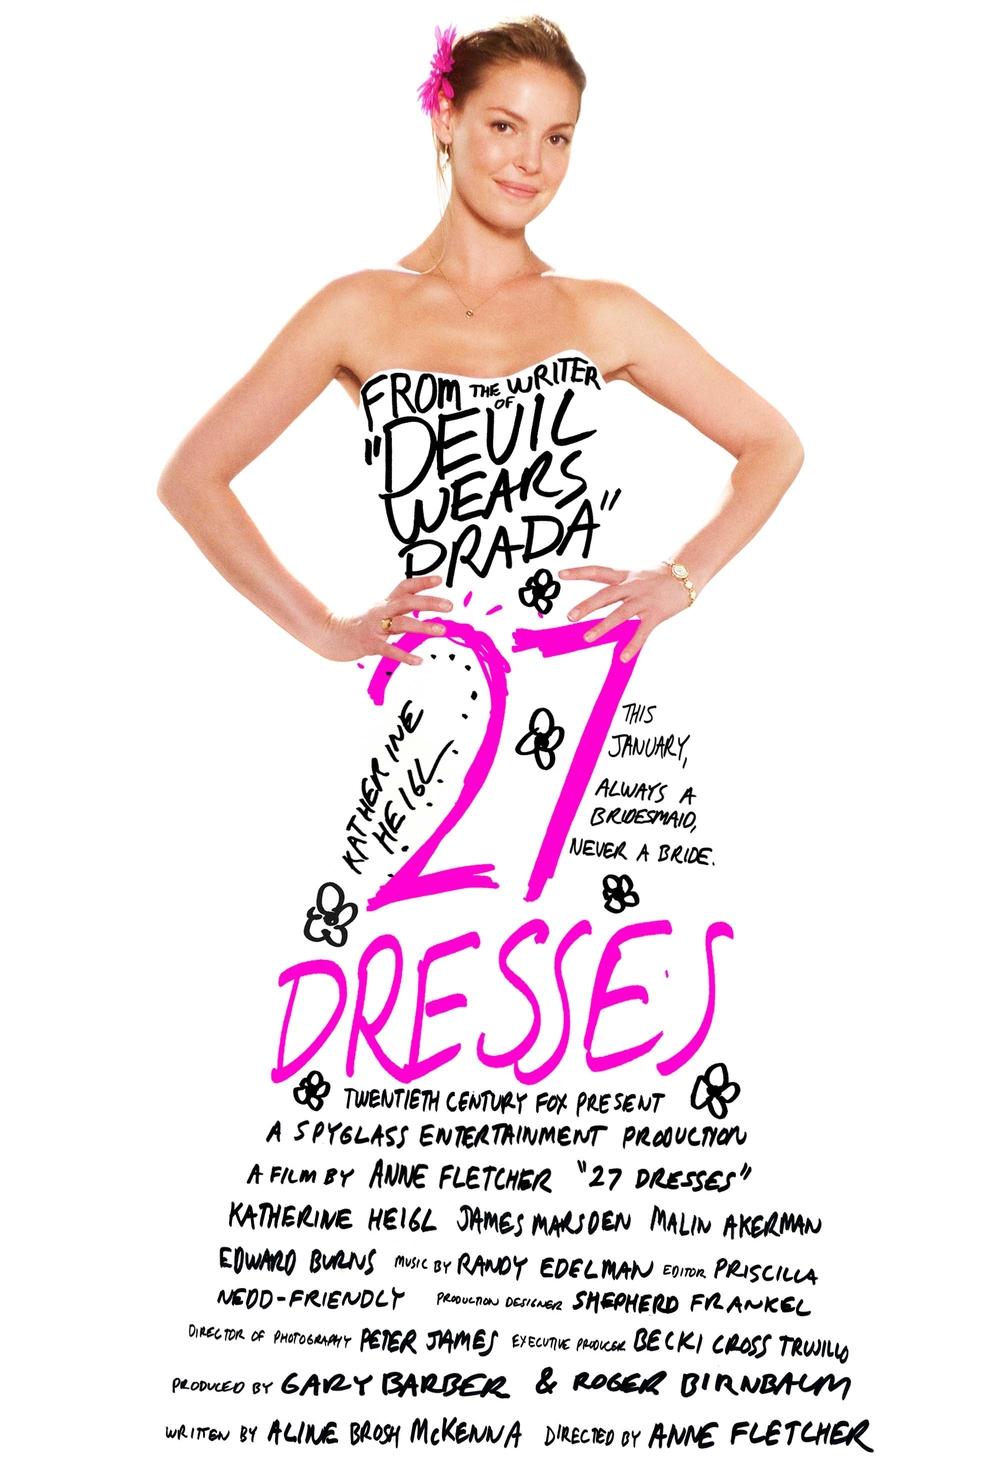 300 dresses poster.jpg